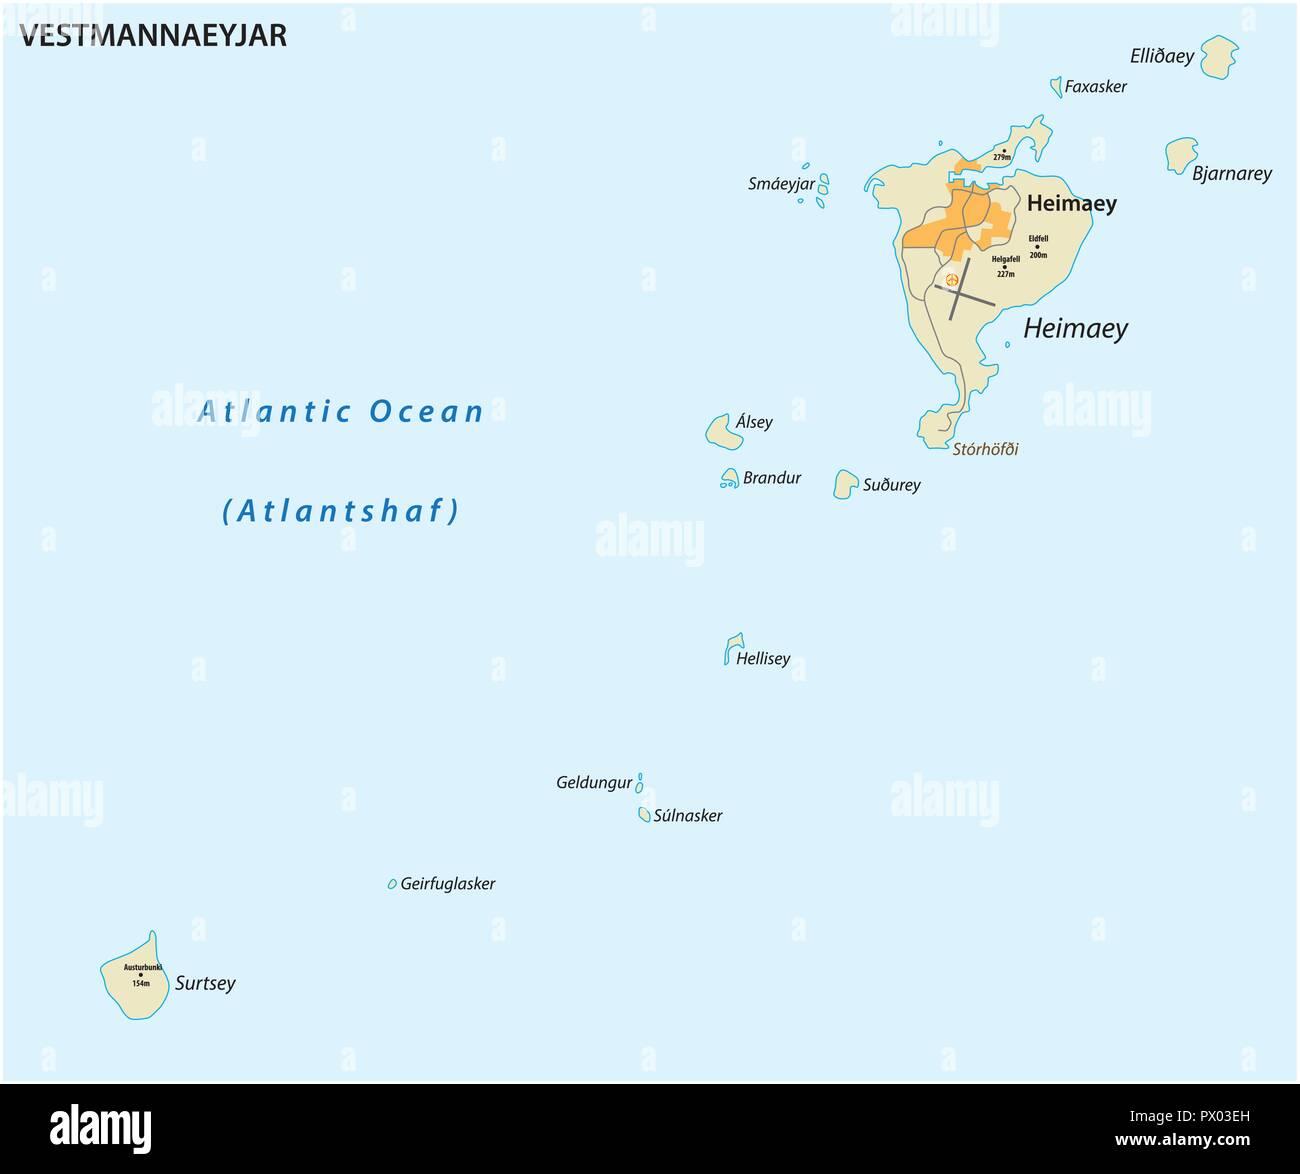 Kirkjubaejarklaustur Map Of Vestmannaeyjar Iceland on vik iceland map, landmannalaugar iceland map, reykjavik iceland map, skaftafell iceland map, keflavik iceland map, gauksmyri iceland map, hvolsvollur iceland map, holmavik iceland map, egilsstadir iceland map, hekla iceland map, skagafjordur iceland map, gullfoss iceland map, akranes iceland map, grimsey island iceland map, laugarvatn iceland map, hellnar iceland map, geysir iceland map, seydisfjordur iceland map, hofsos iceland map, hafnarfjordur iceland map,